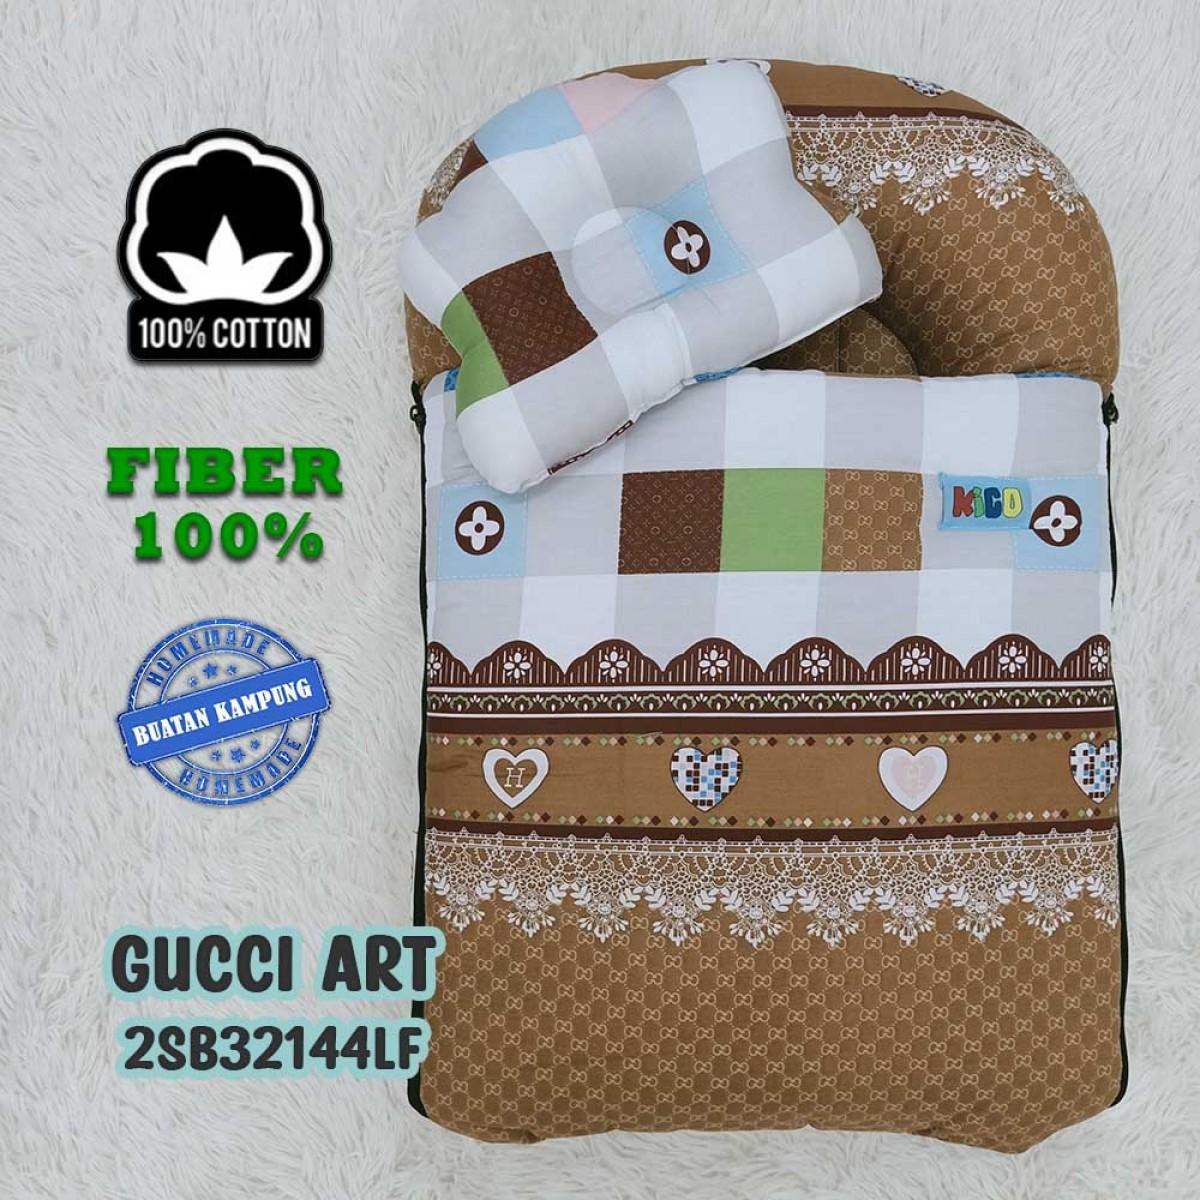 Gucci Art - Kico Baby Center